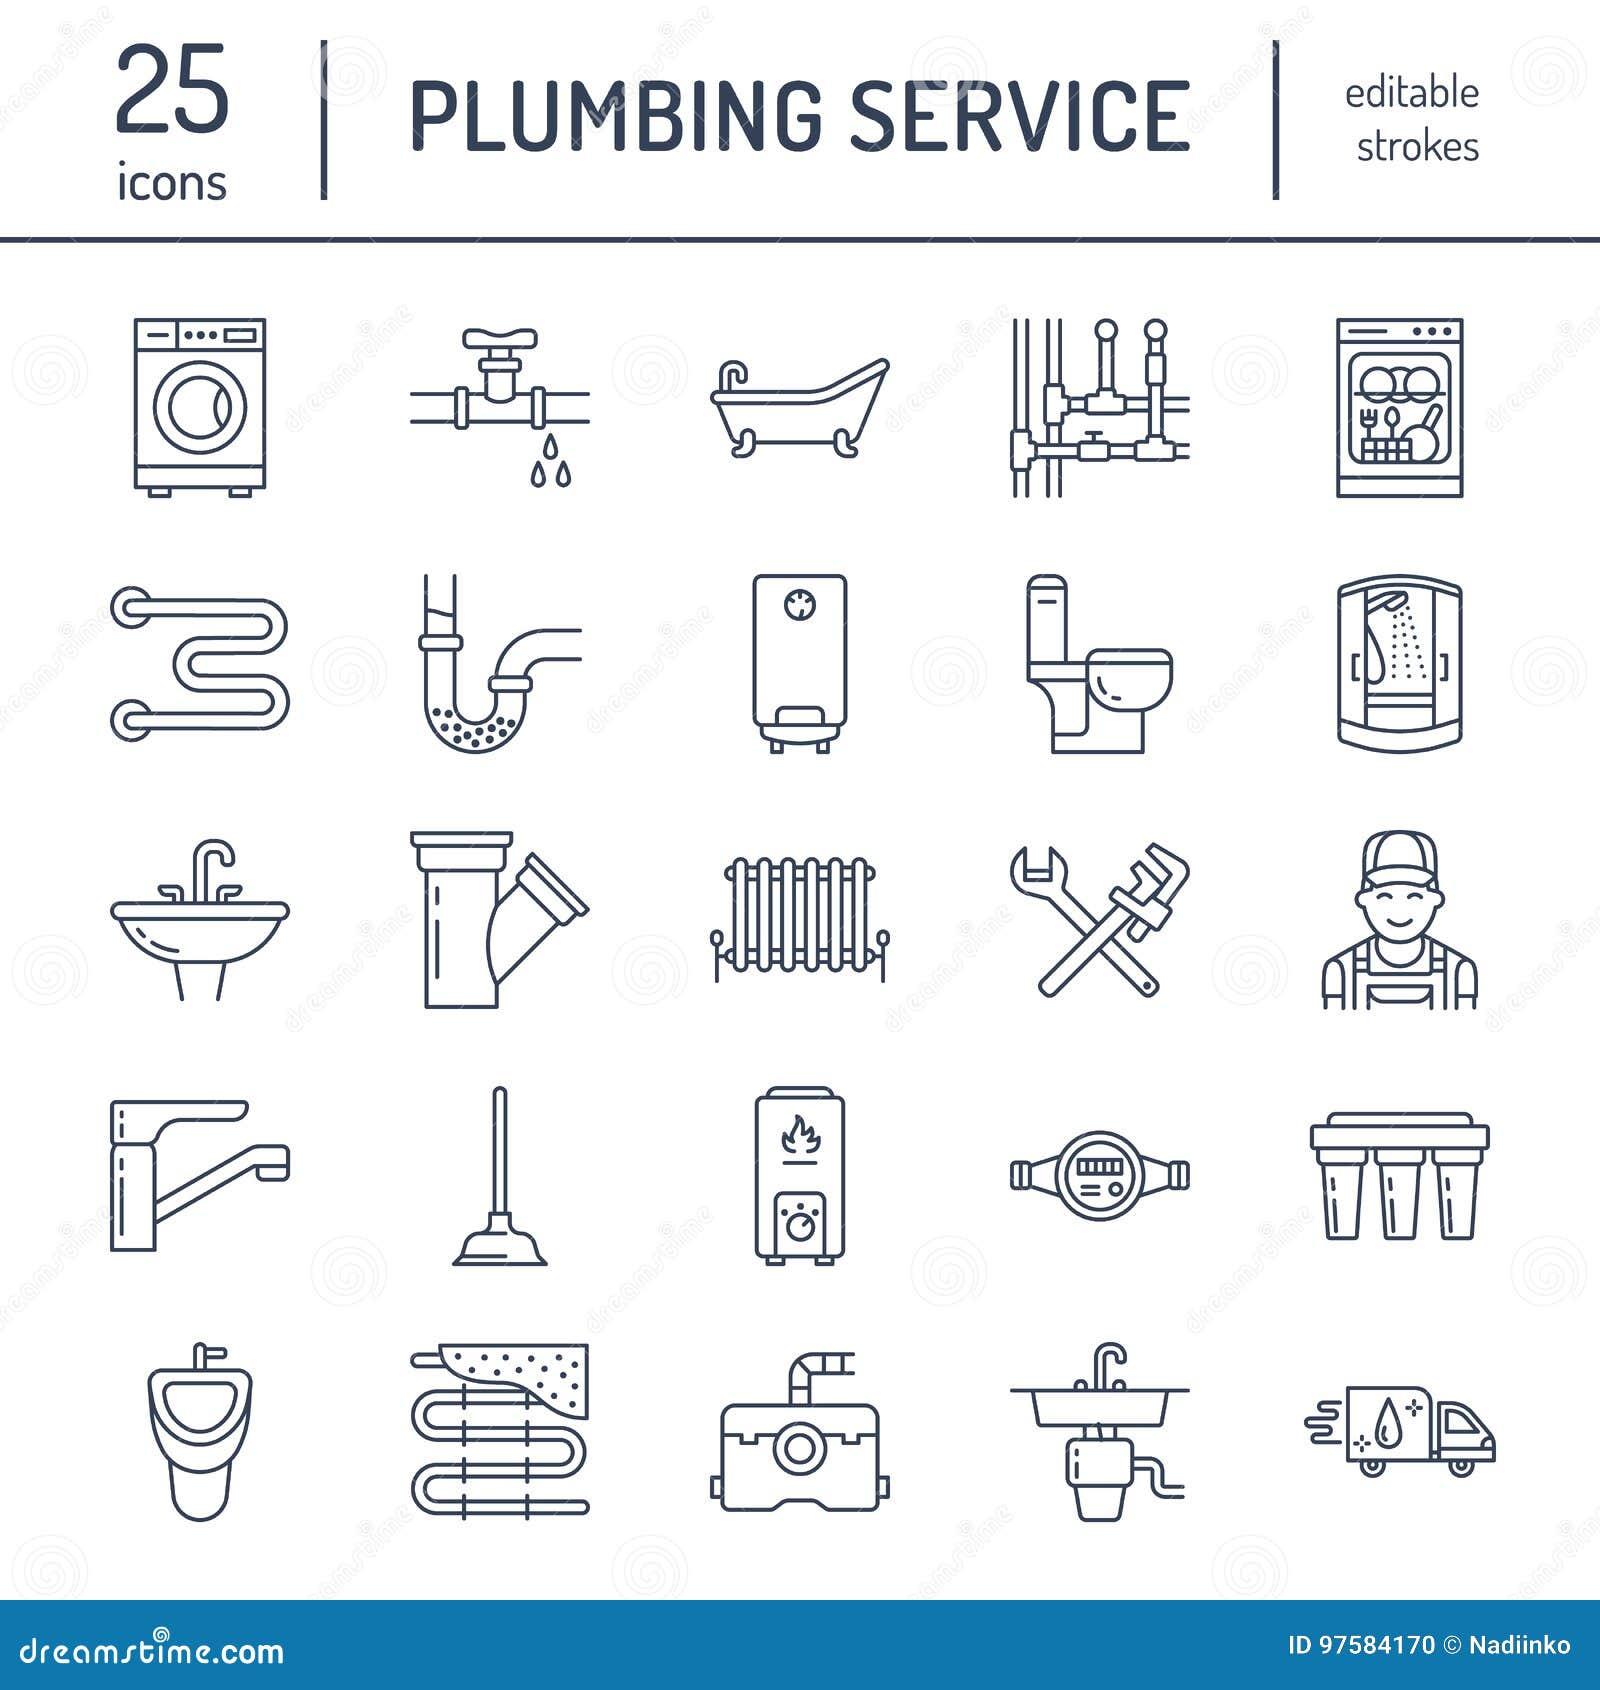 配管服务传染媒介平的线象 安置卫生间设备,龙头,洗手间,管道,洗衣机,洗碗机